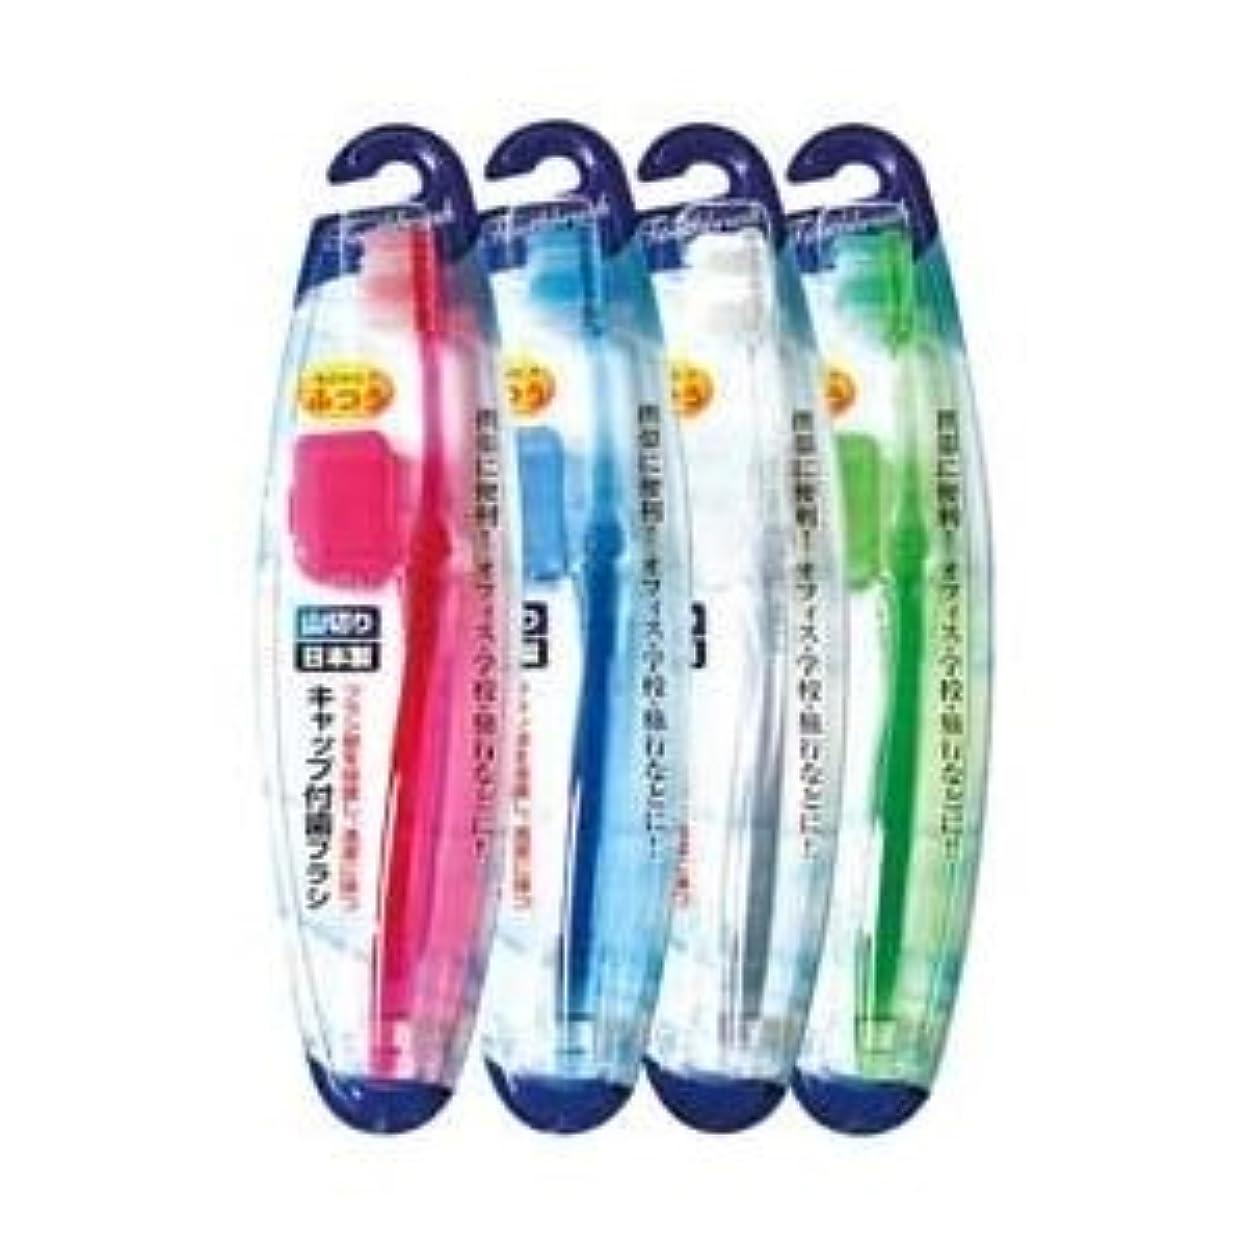 利得告白若さ健康用品 キャップ付歯ブラシ山切りカット(ふつう)日本製 【12個セット】 41-209